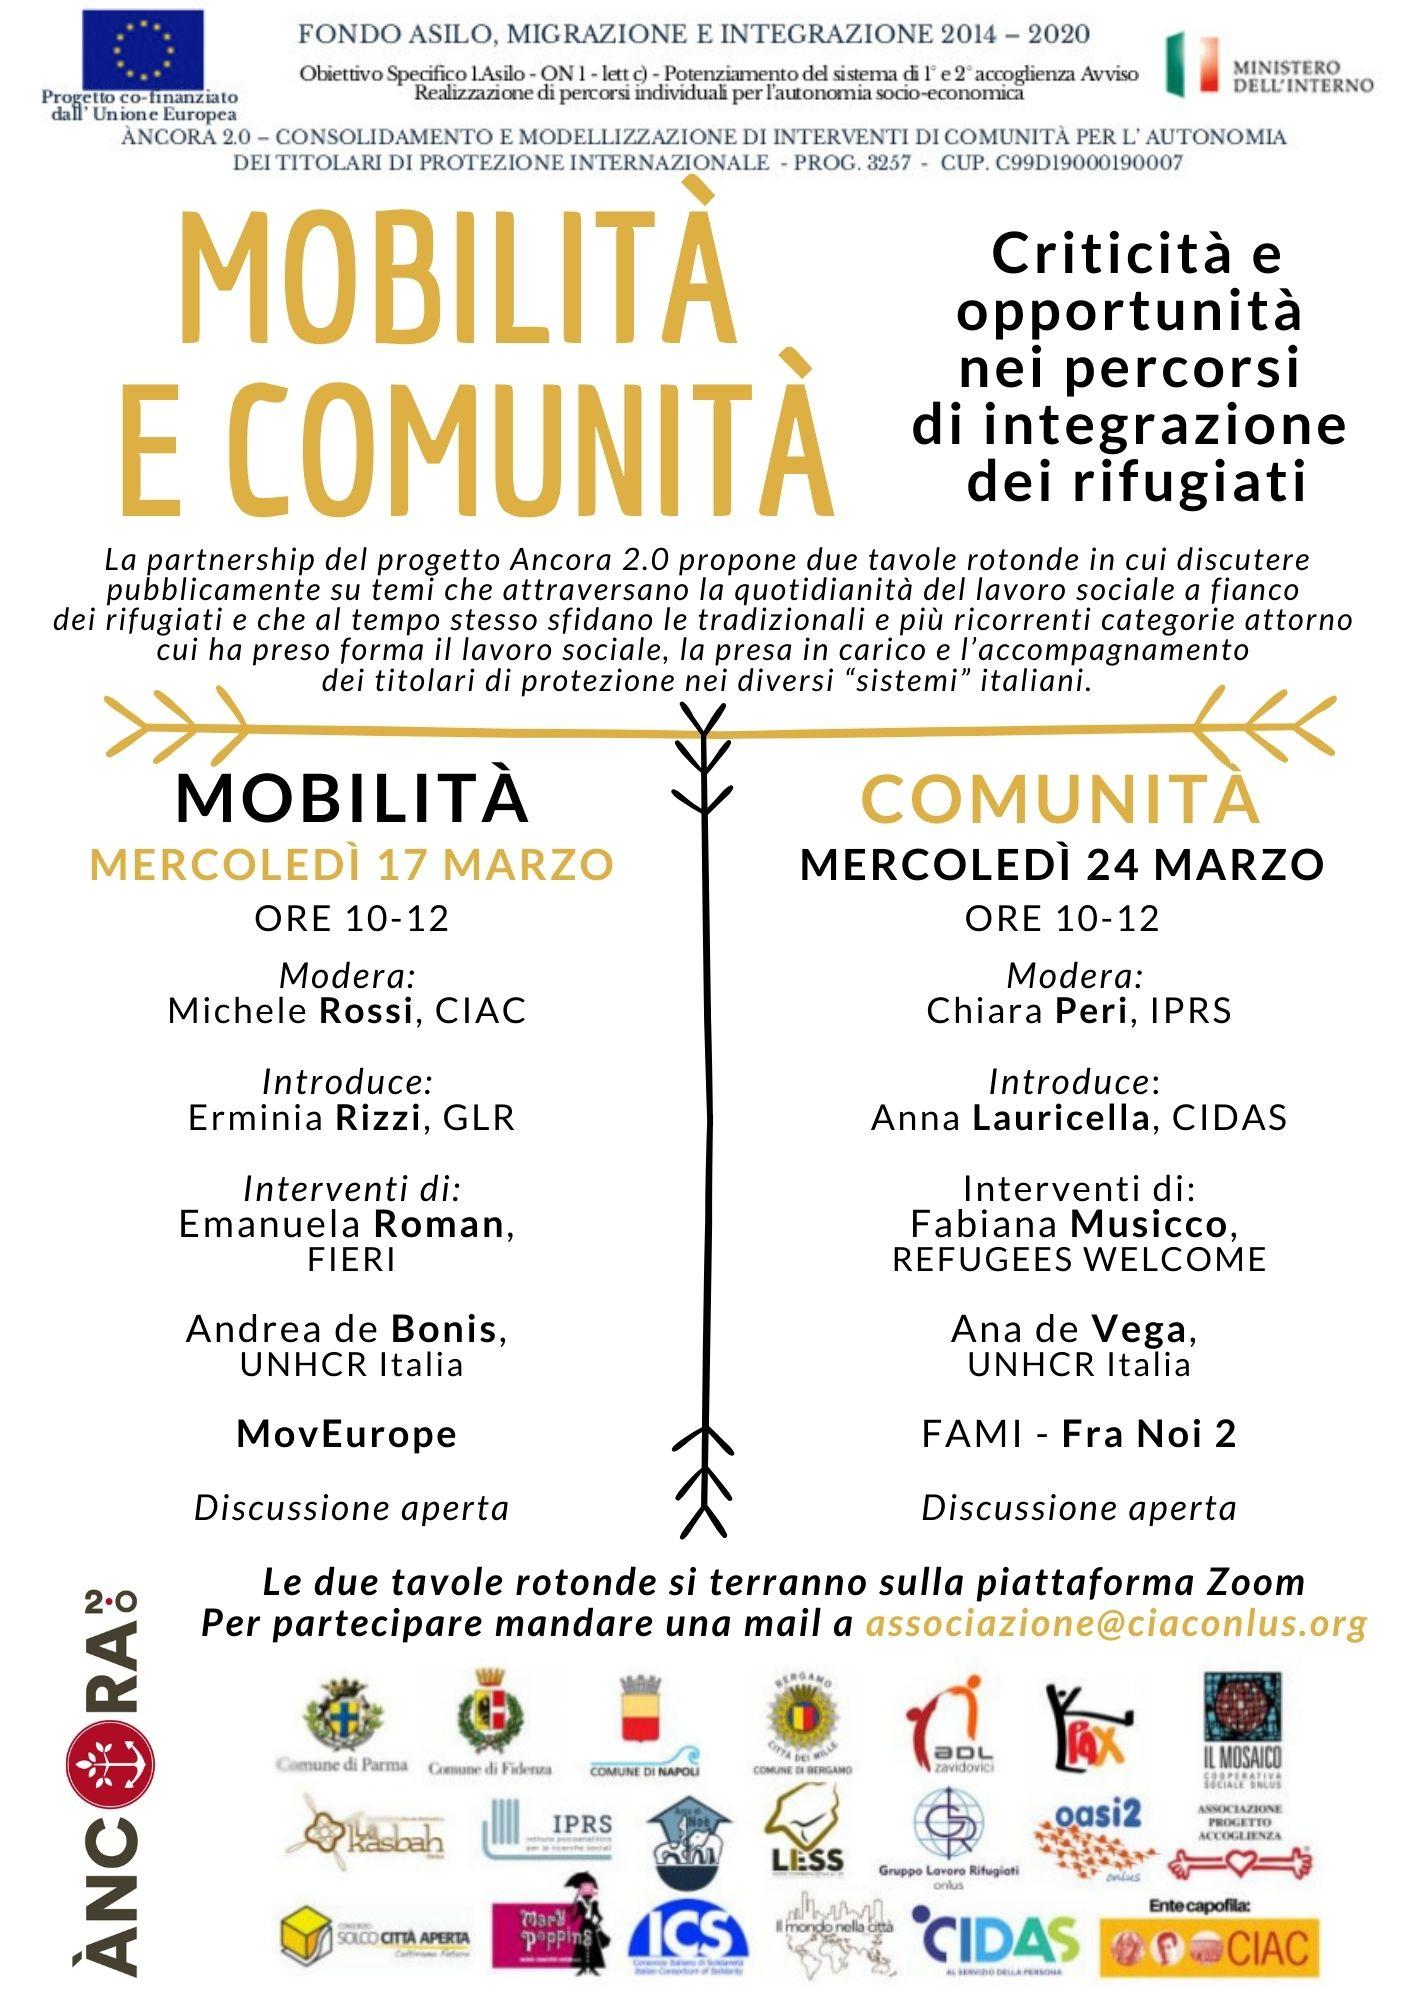 mobilità e comunità